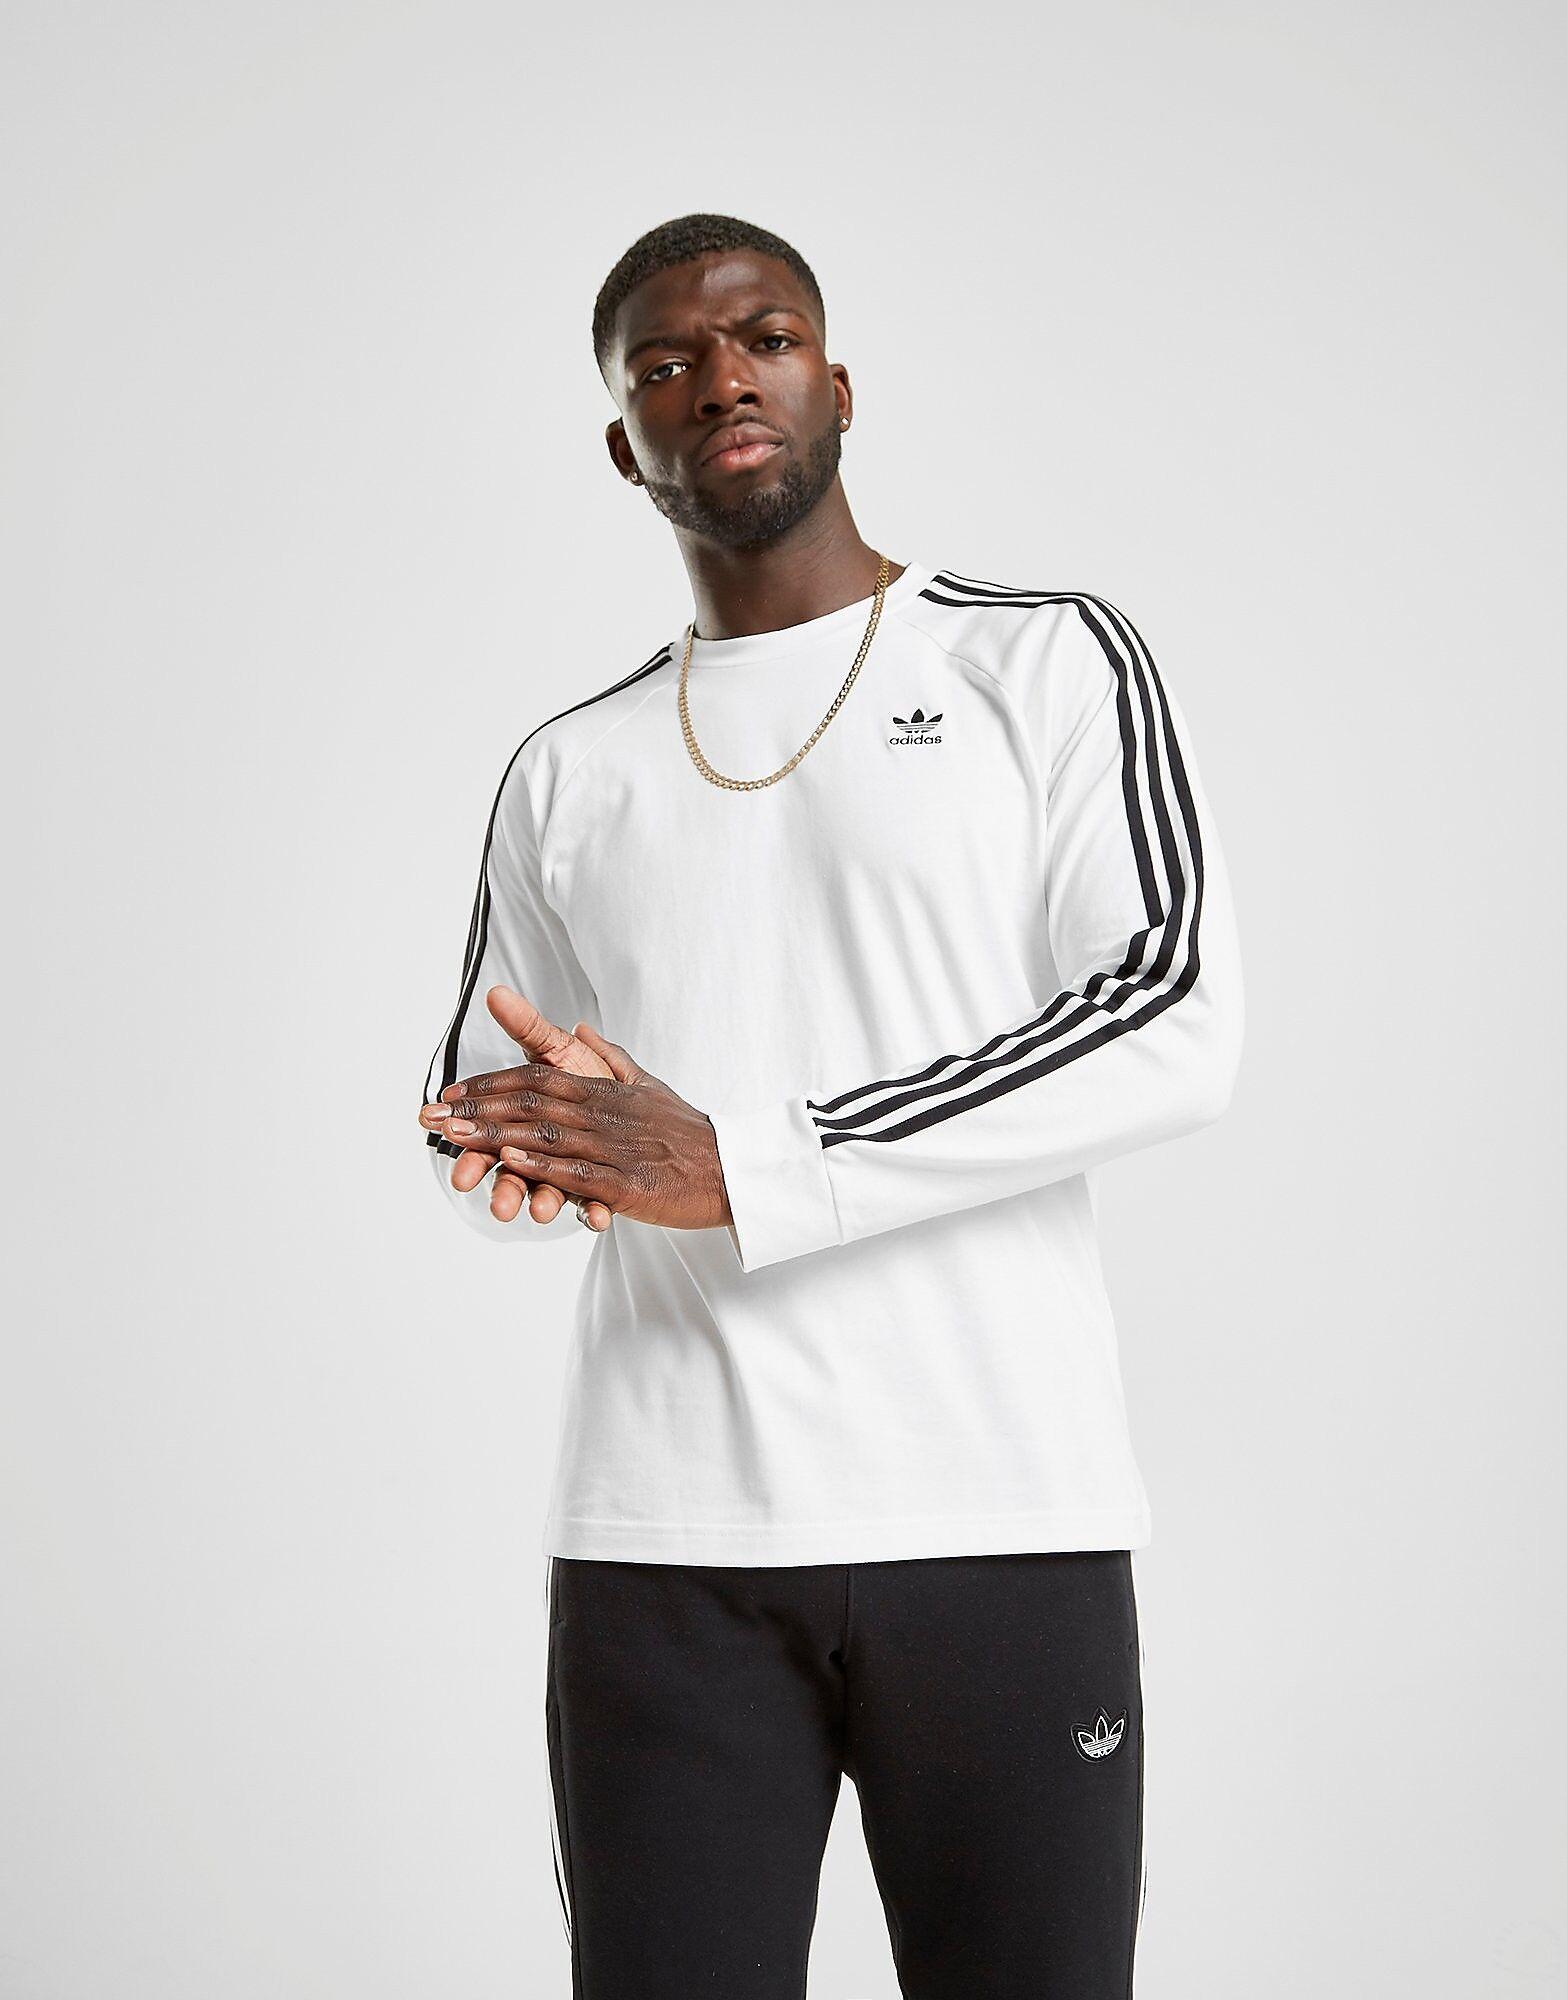 Image of Adidas Originals California Pitkähihainen T-Paita Miehet - Mens, Valkoinen